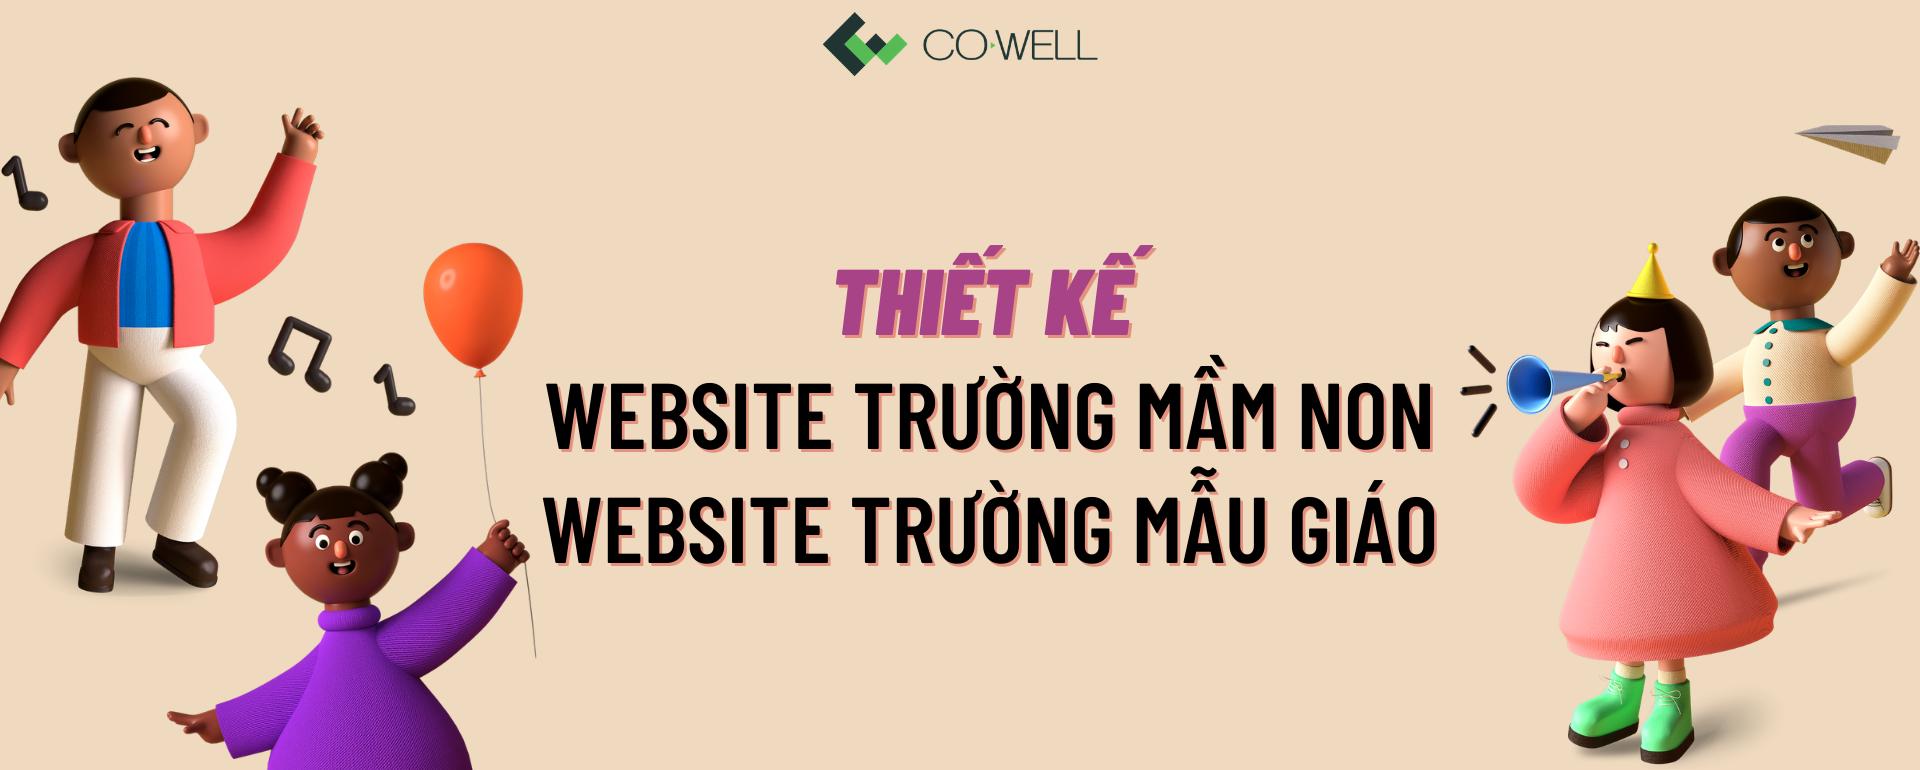 Thiet ke website truong mam non